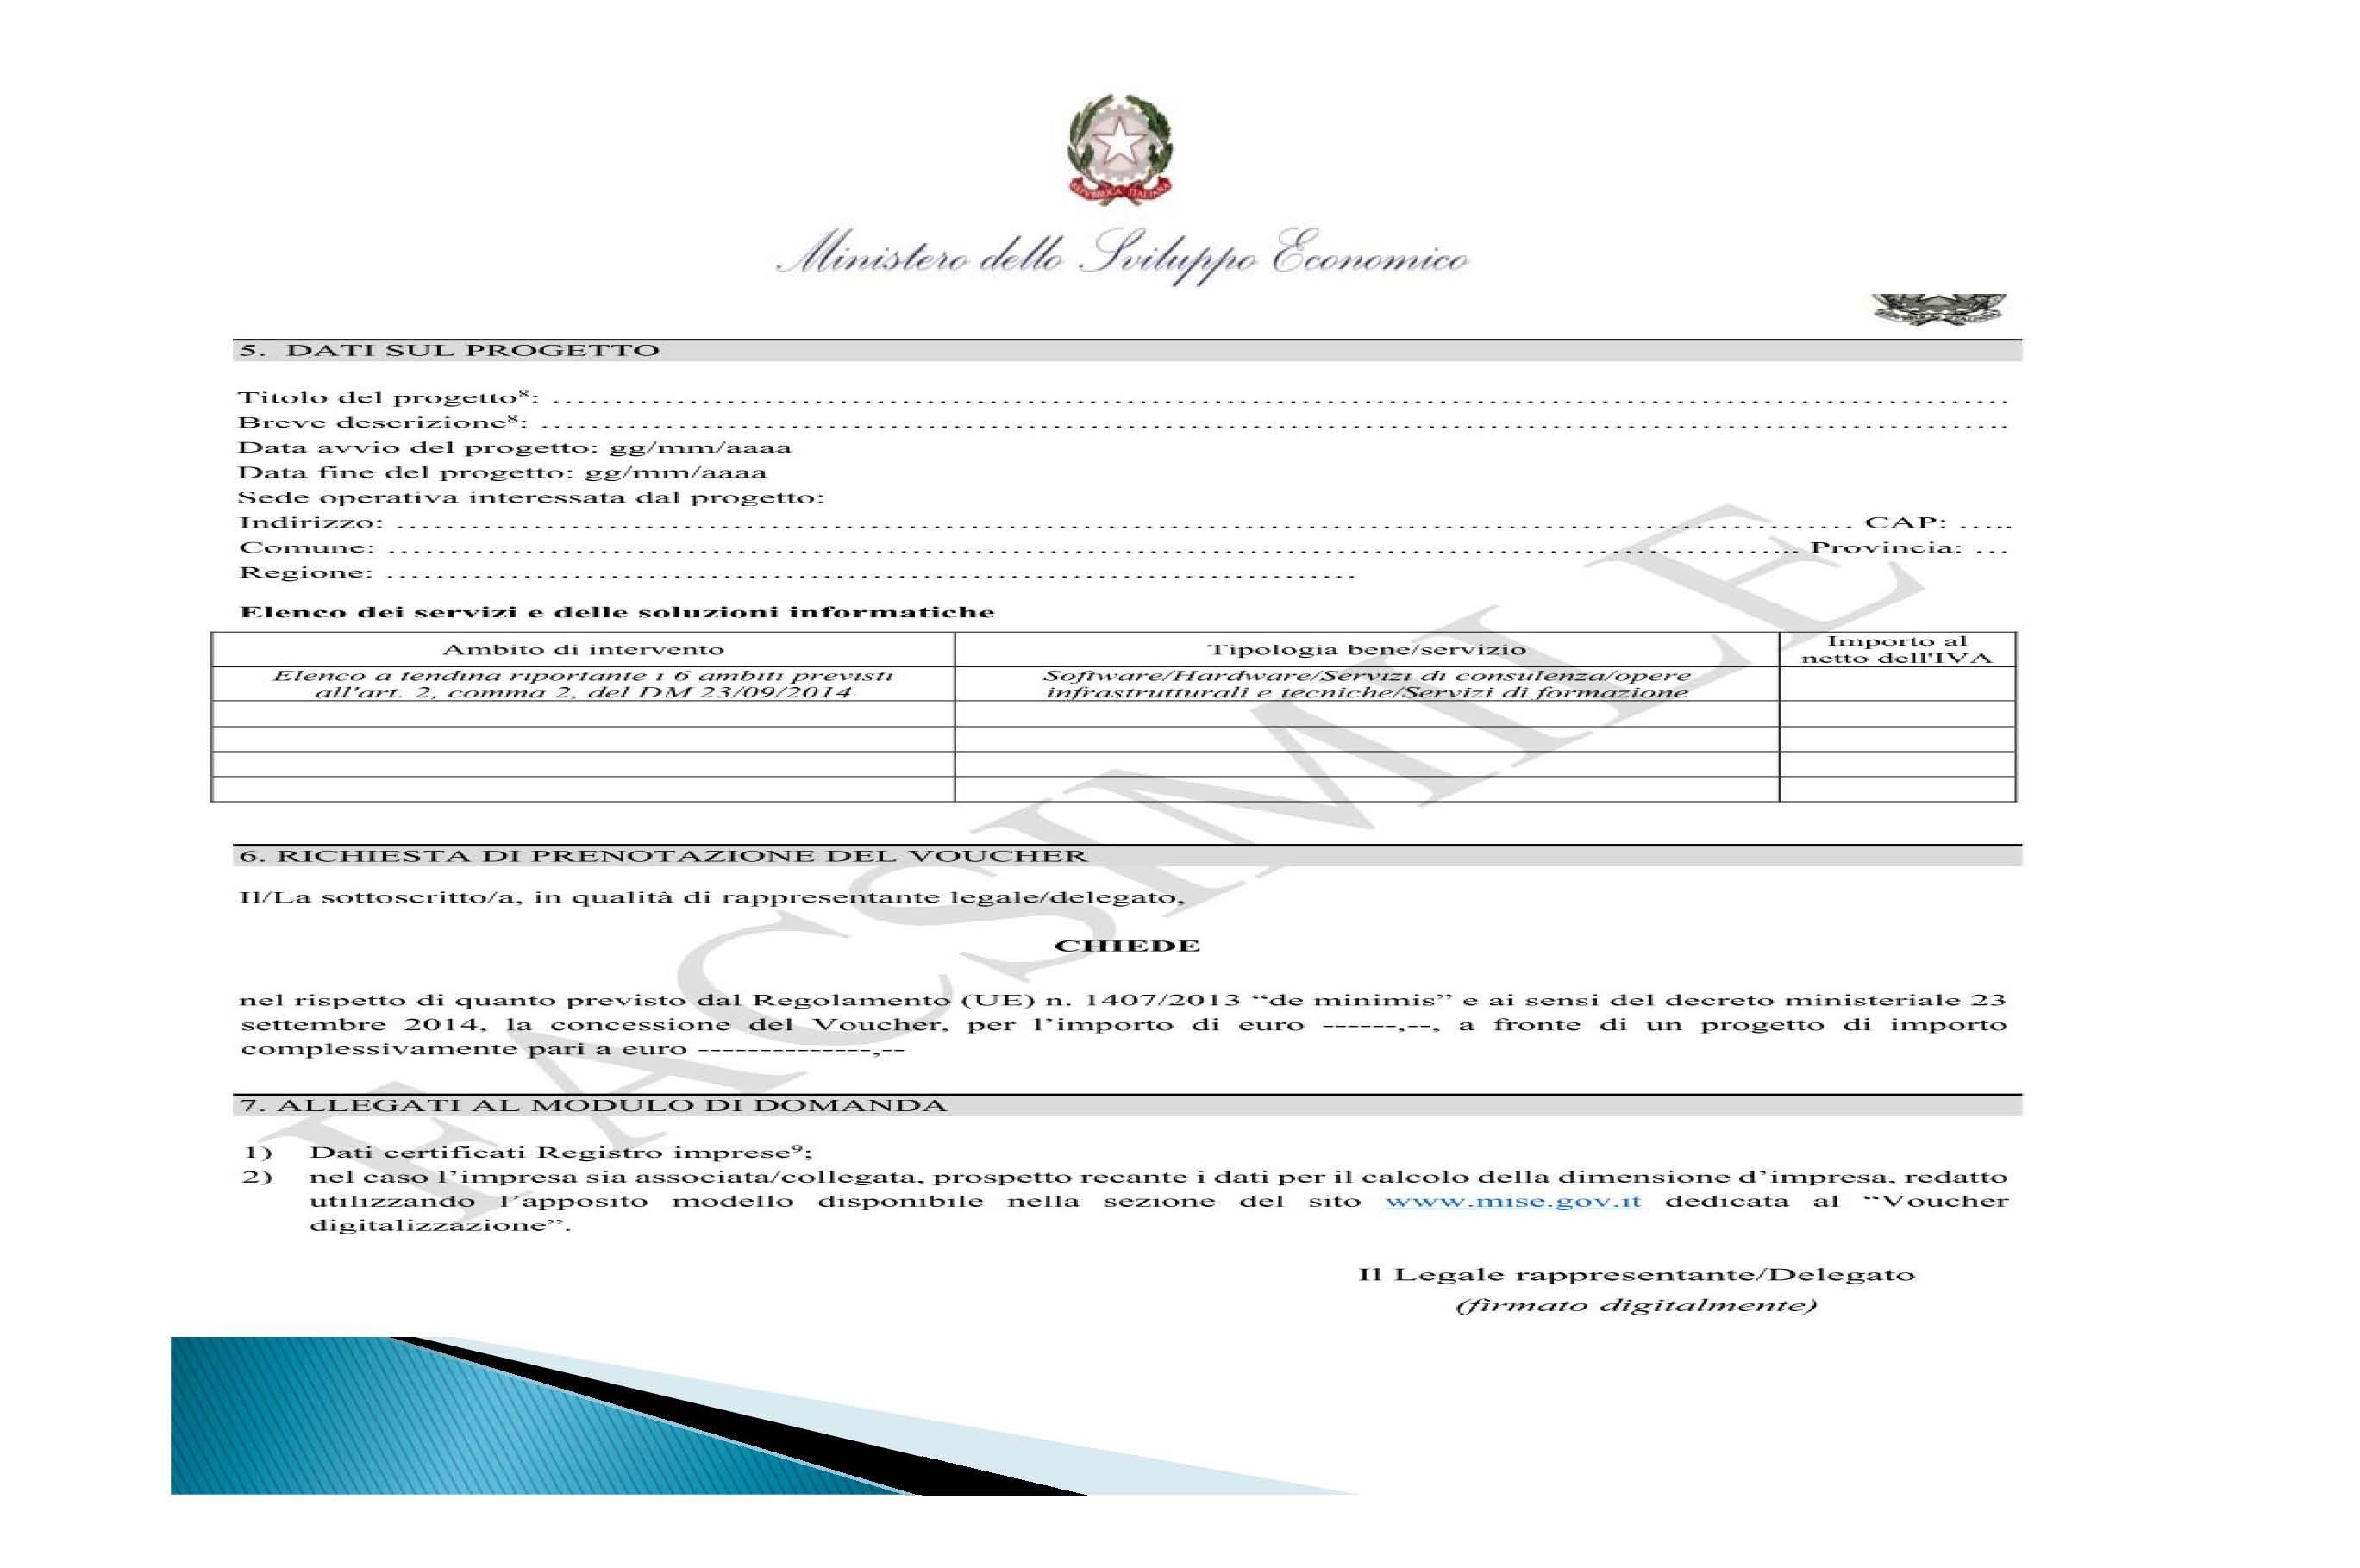 voucher-digitalizzazione-slide-bandoni_pagina_15